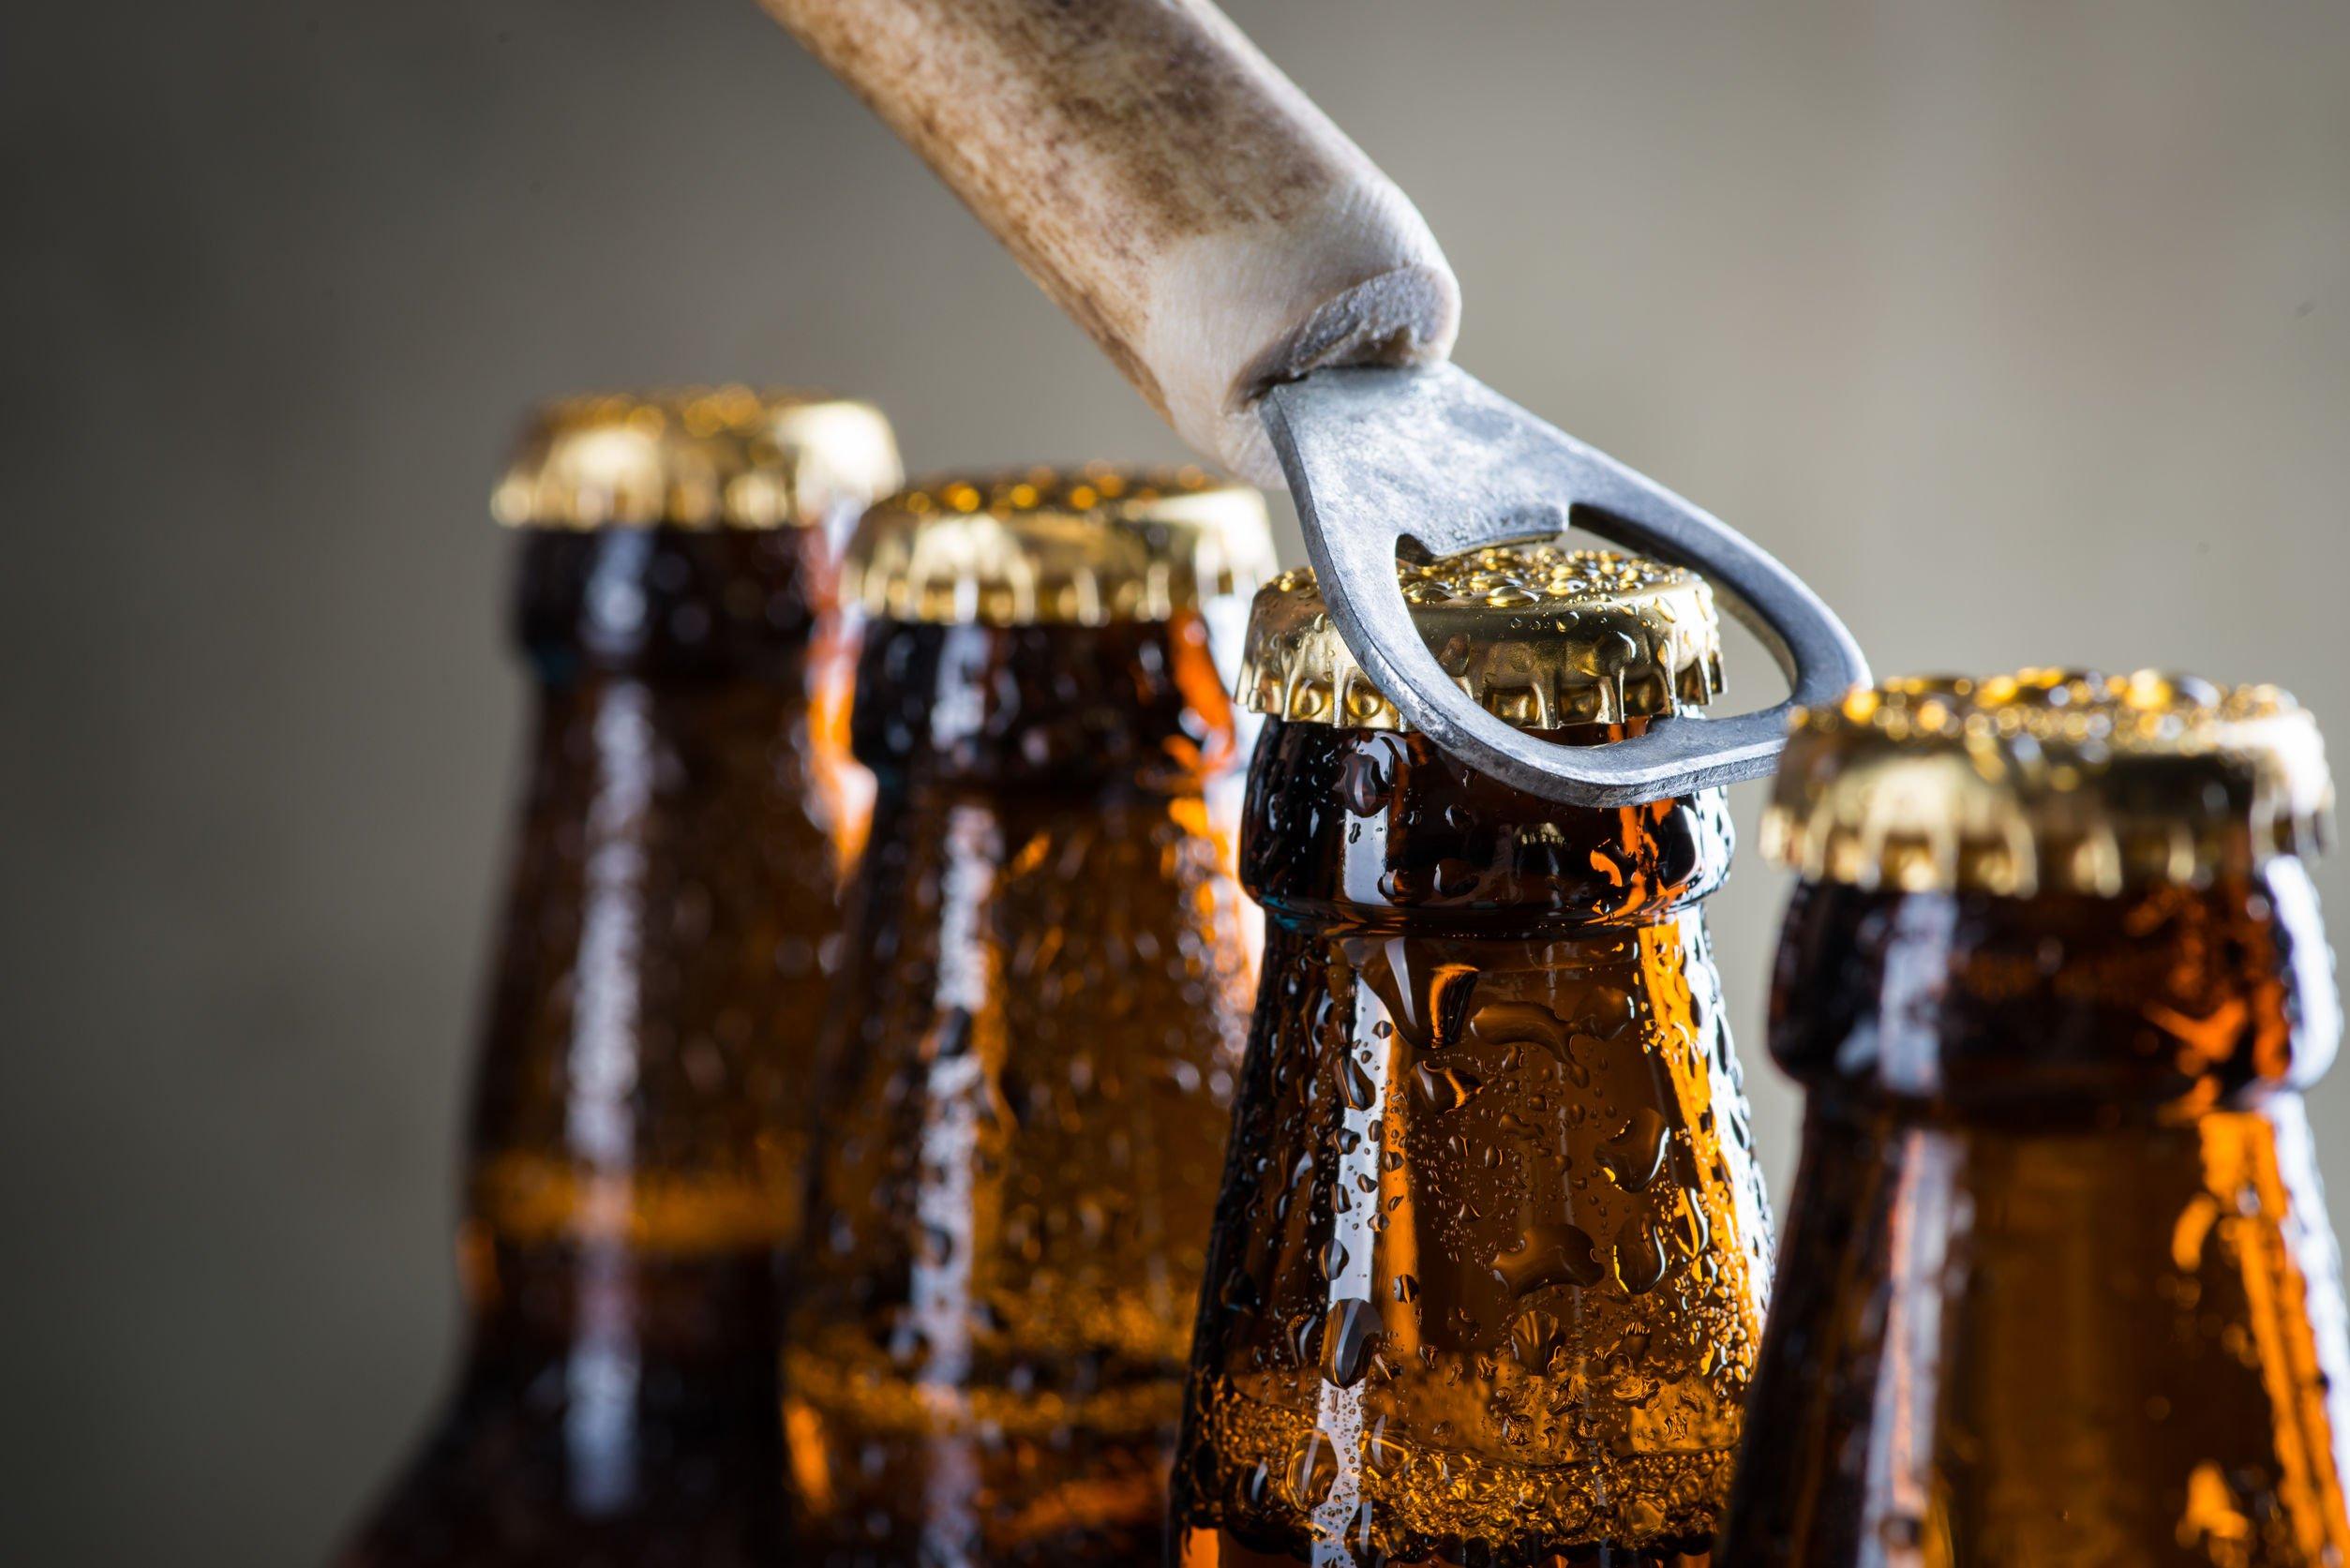 Beer: Dominican's favorite drink